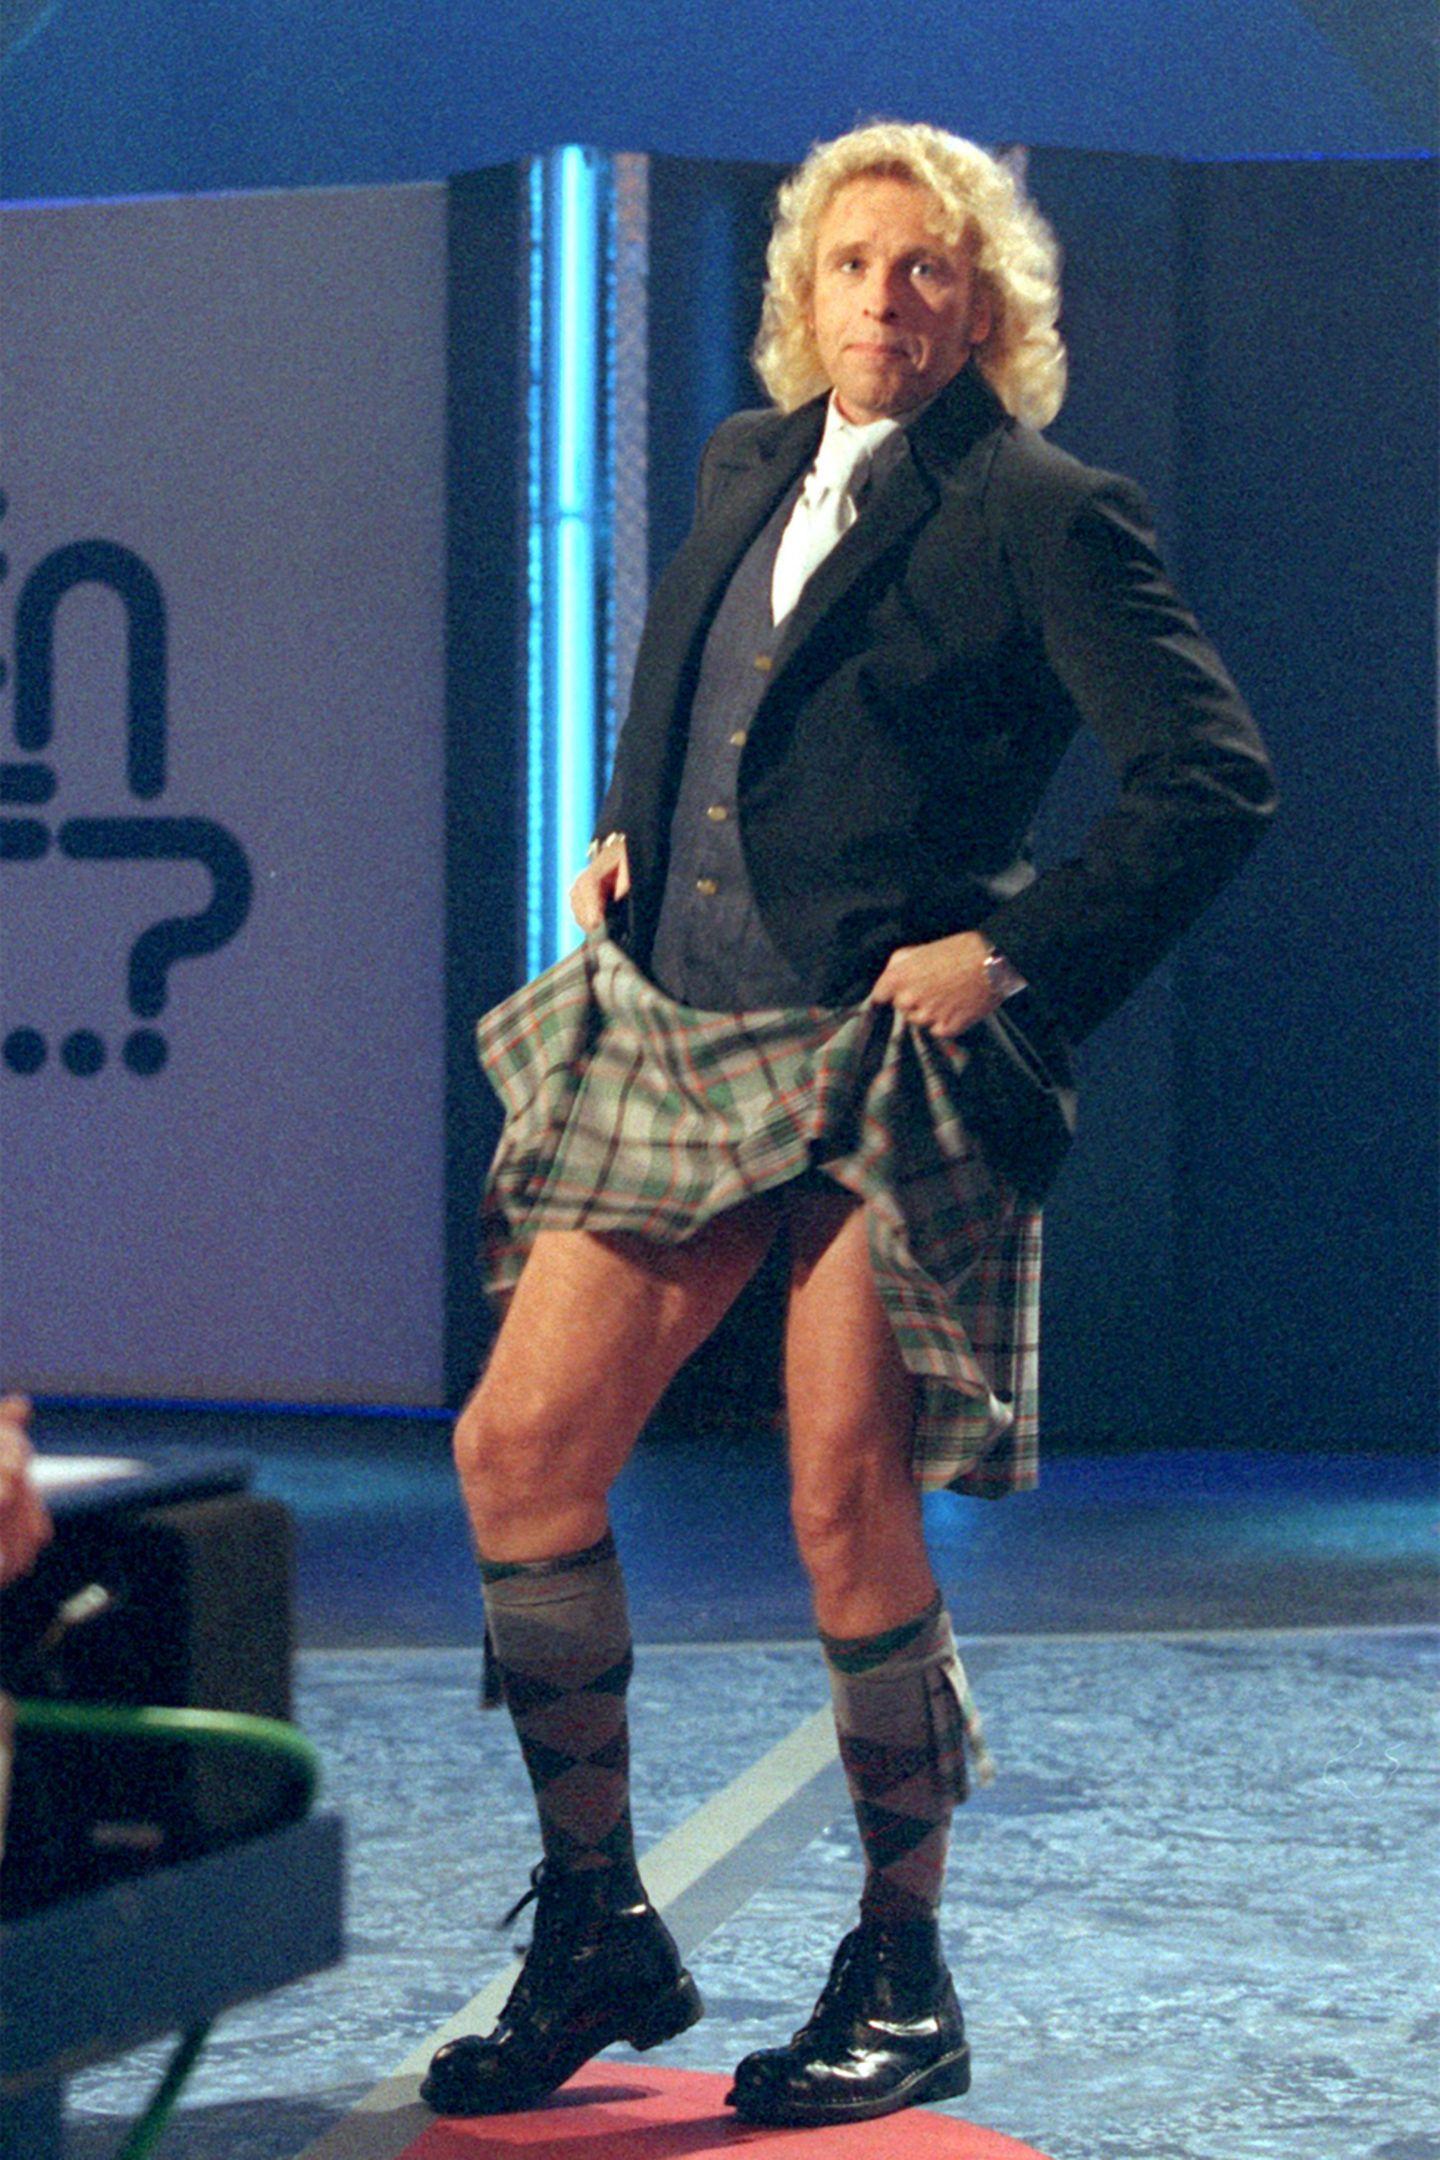 """Thommy im Schottenrock  Seine schlechten Outfits sind legendär. In seiner Zeit als """"Wetten, dass ..?""""-Moderator hat Thomas Gottschalk fast jede Modesünde begangen, die denkbar ist. So schlimm wie am 23. März 2000 war es aber noch nie: Da präsentierte sich Gottschalk in einem kniekurzen Kilt, den er zu allem Überfluss auch noch in die Höhe riss, um seine Beinpracht freizulegen. Das alles kombinierte er noch mit Jackett und Weste. Wer sich sowas ausdenkt? Die britische Modeschöpferin Vivienne Westwood, die auch Gast dieser Sendung war. Danach war man für seine scheußlichen rotkarierten Jacken regelrecht dankbar!"""